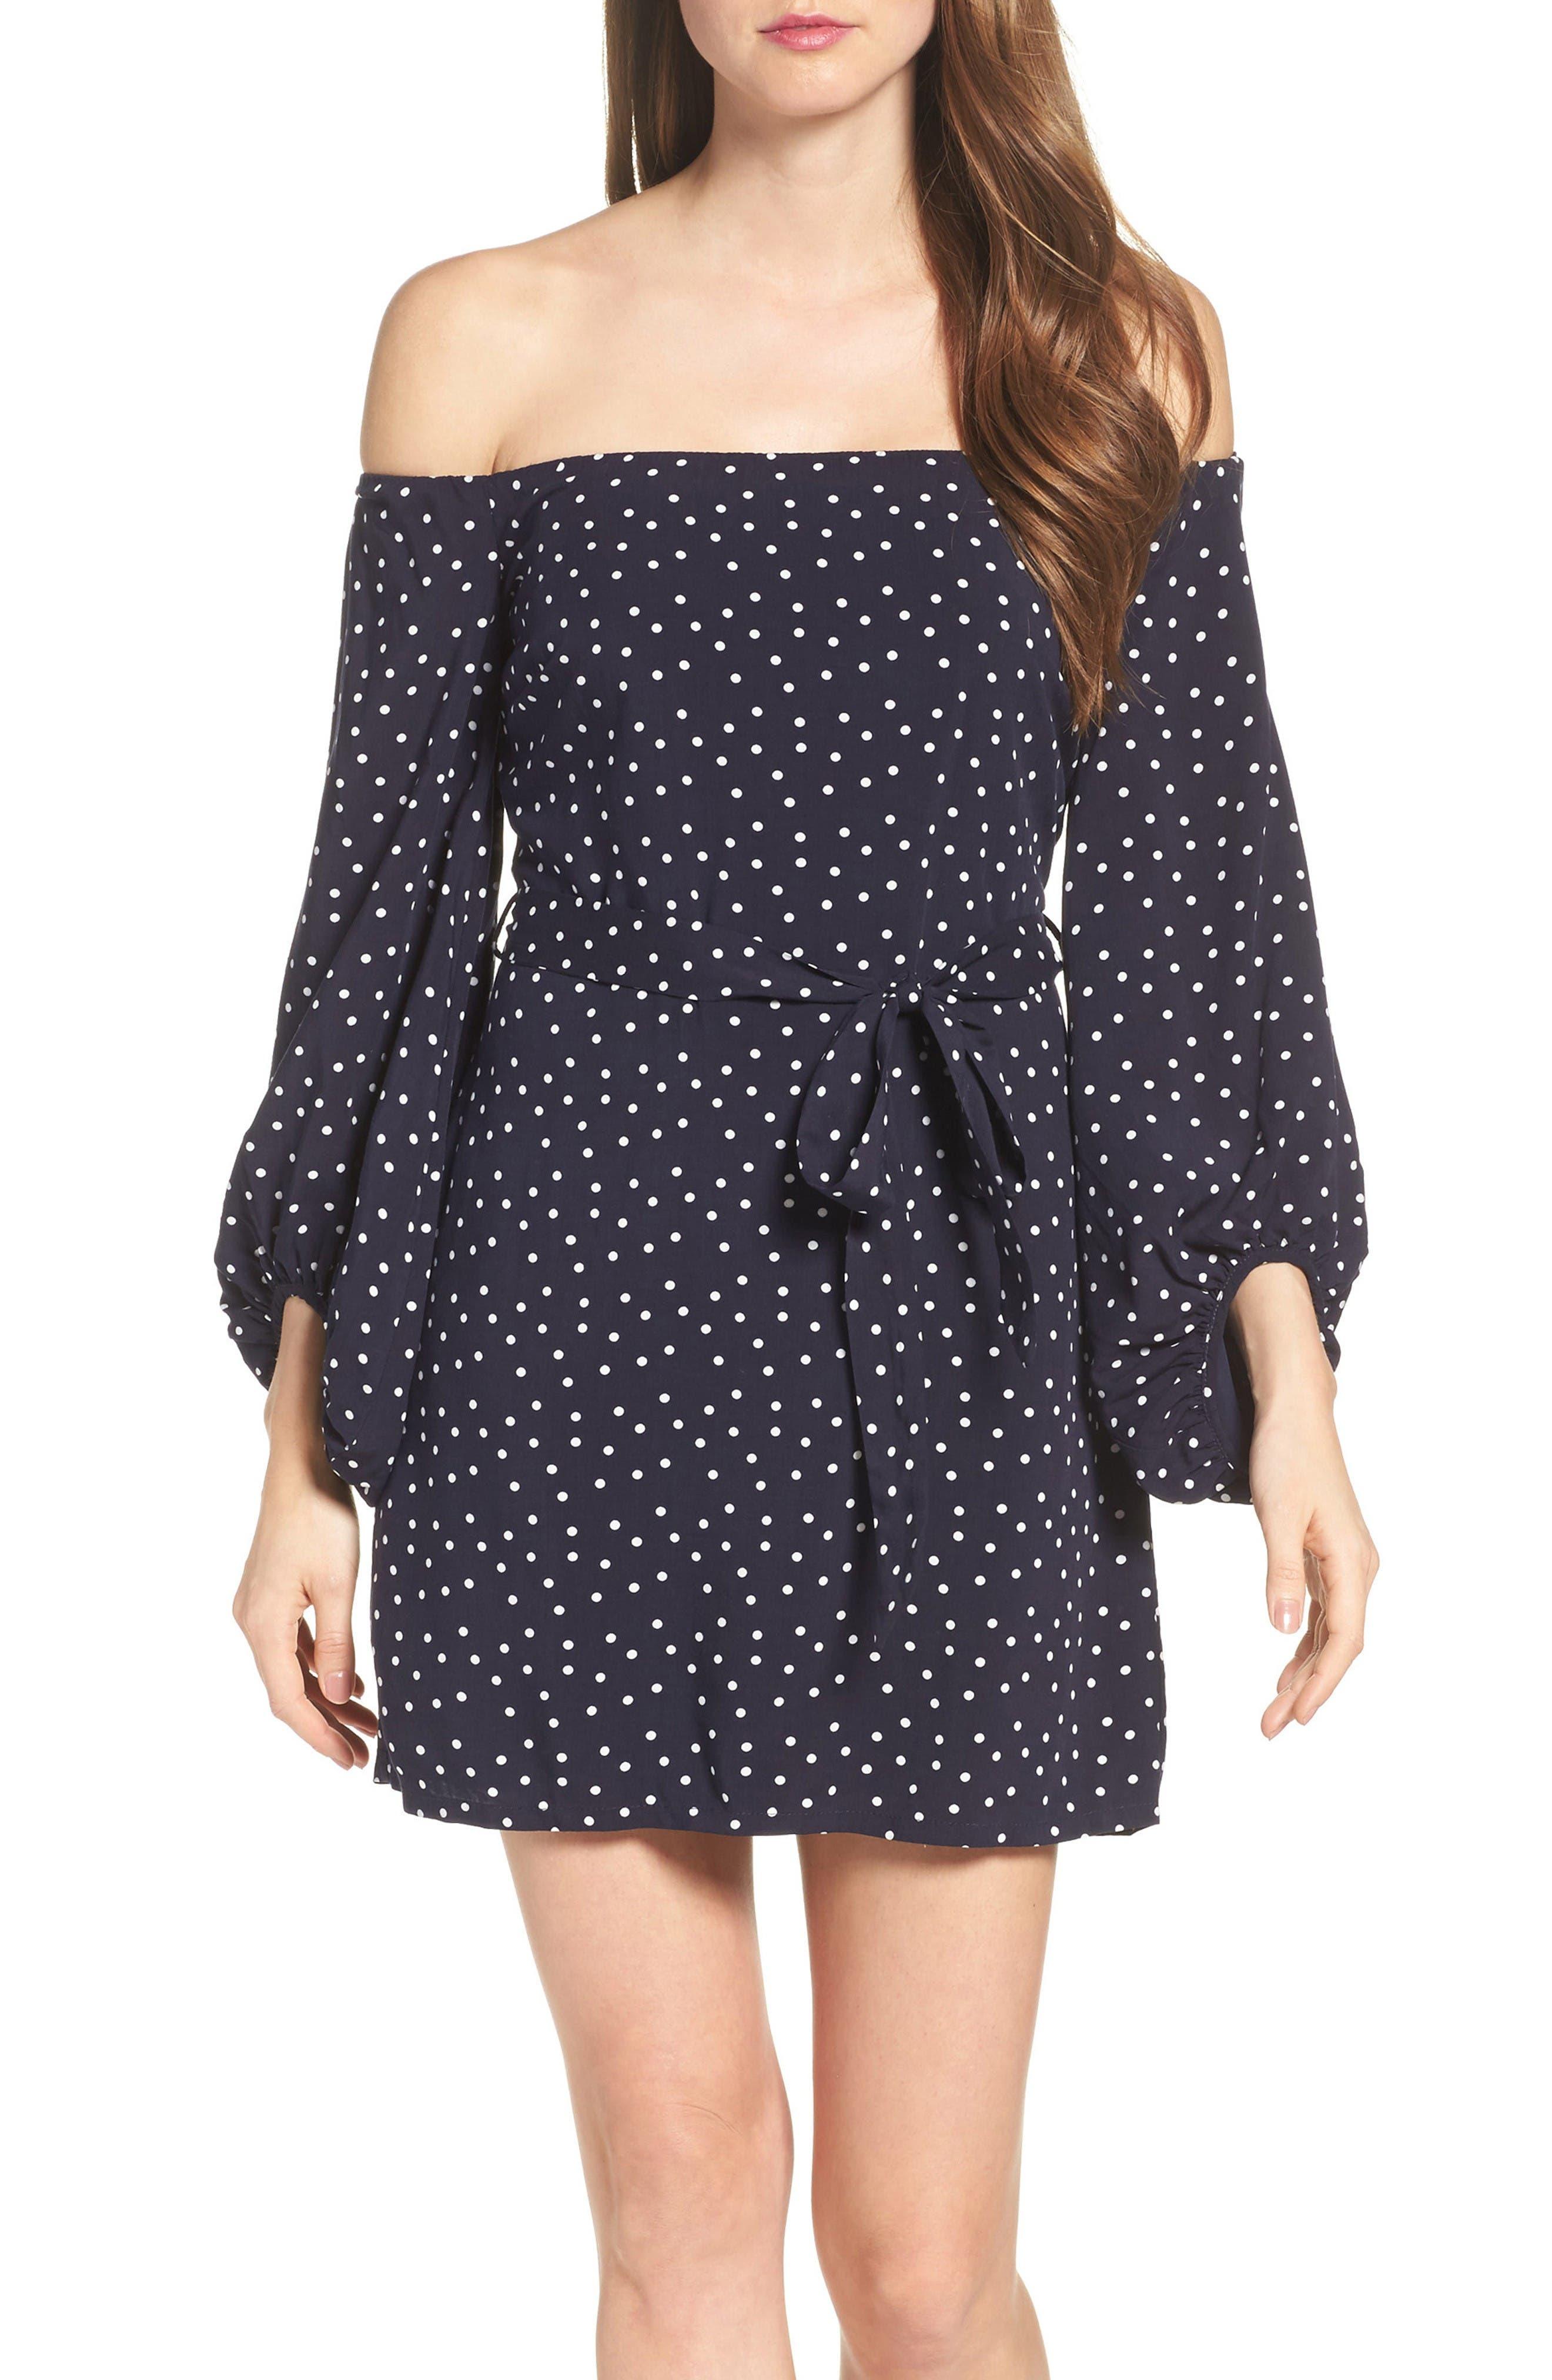 Alternate Image 1 Selected - Bardot Polka Dot Off the Shoulder Dress